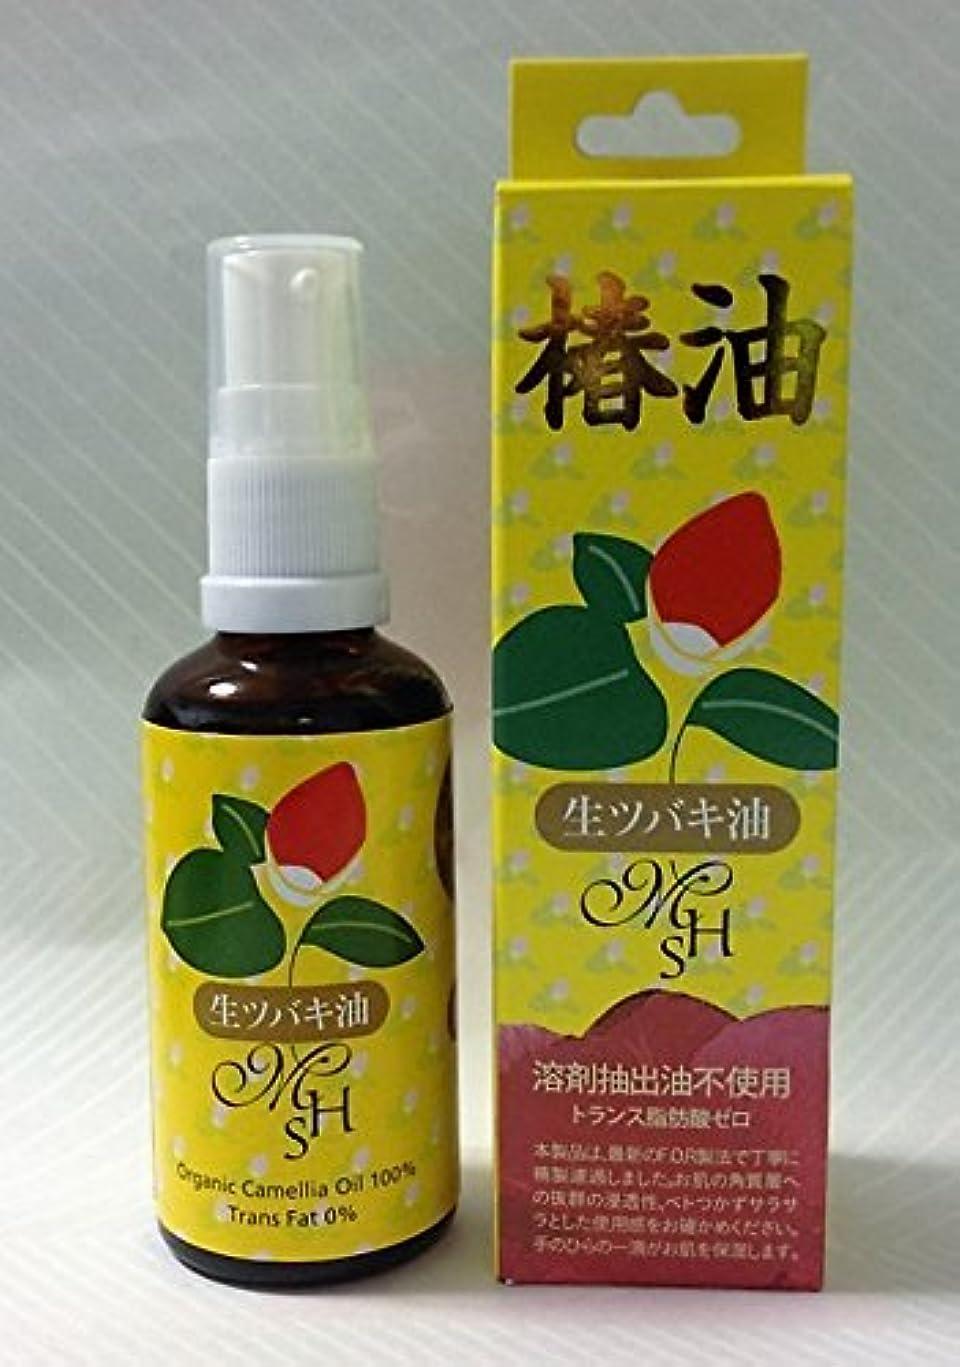 ツール定期的ラブオーガニック 生ツバキ油(MHSオイル) 50ml